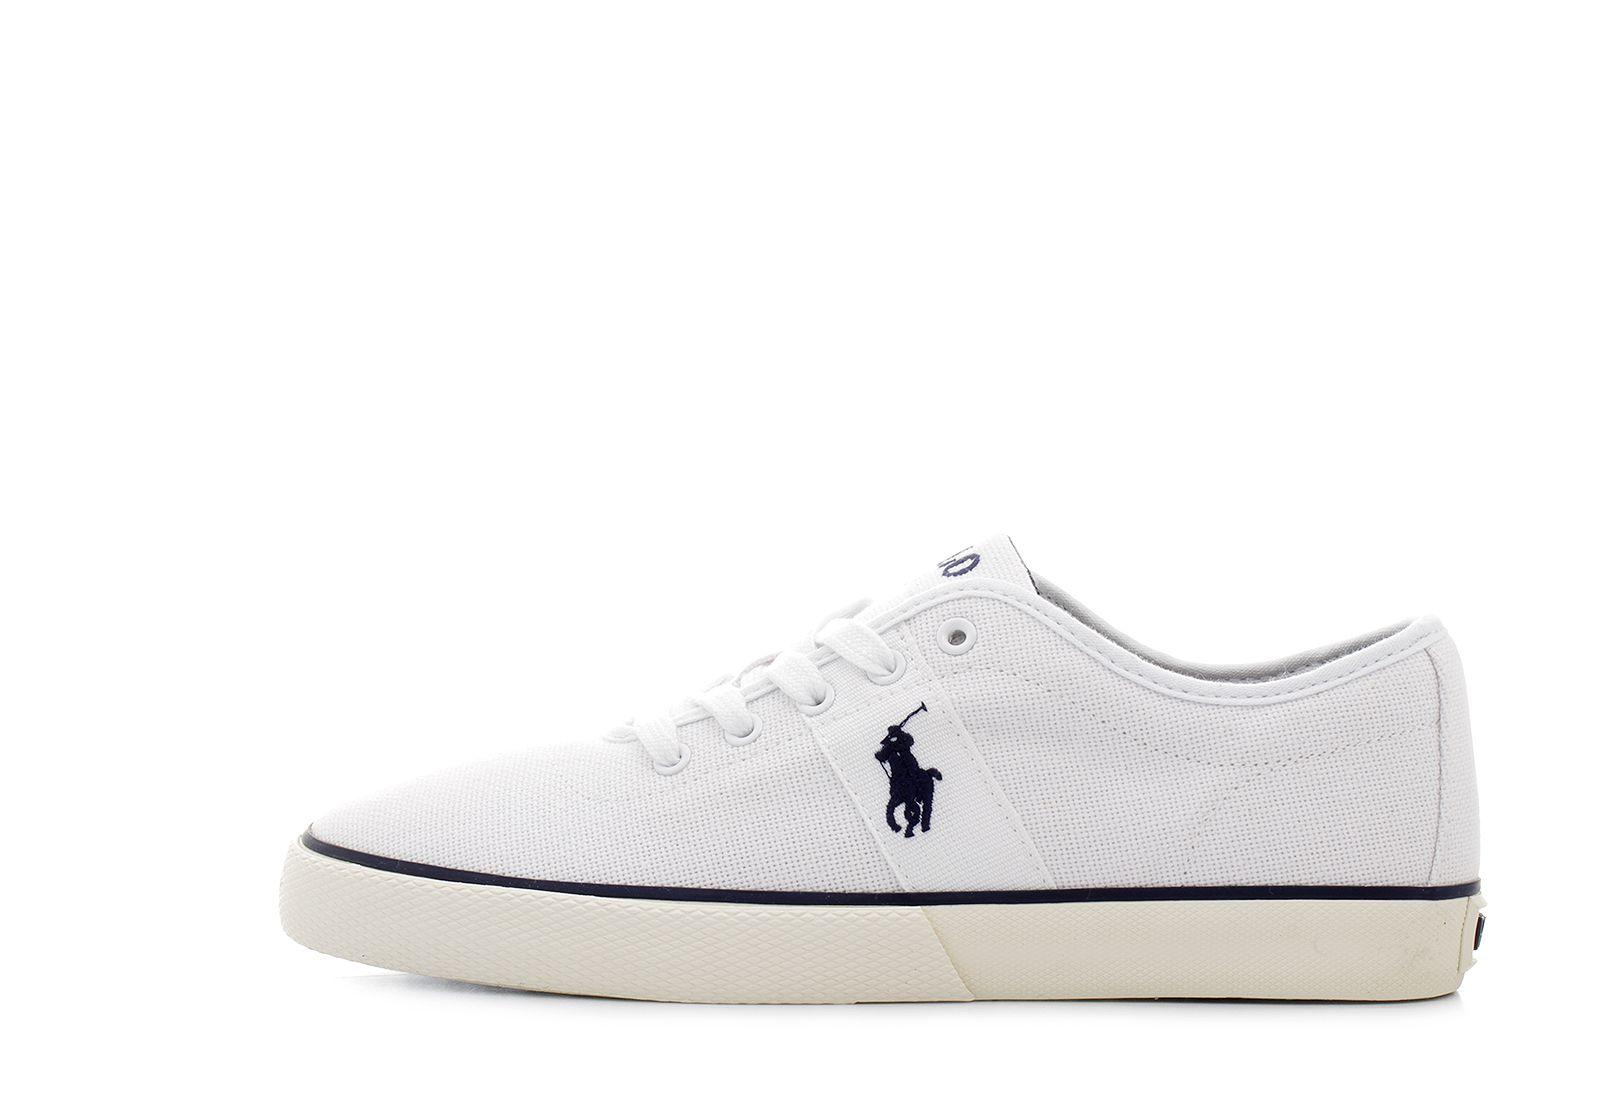 Polo Ralph Lauren Shoes - Halford-ne - 816641861006 - Online shop ...